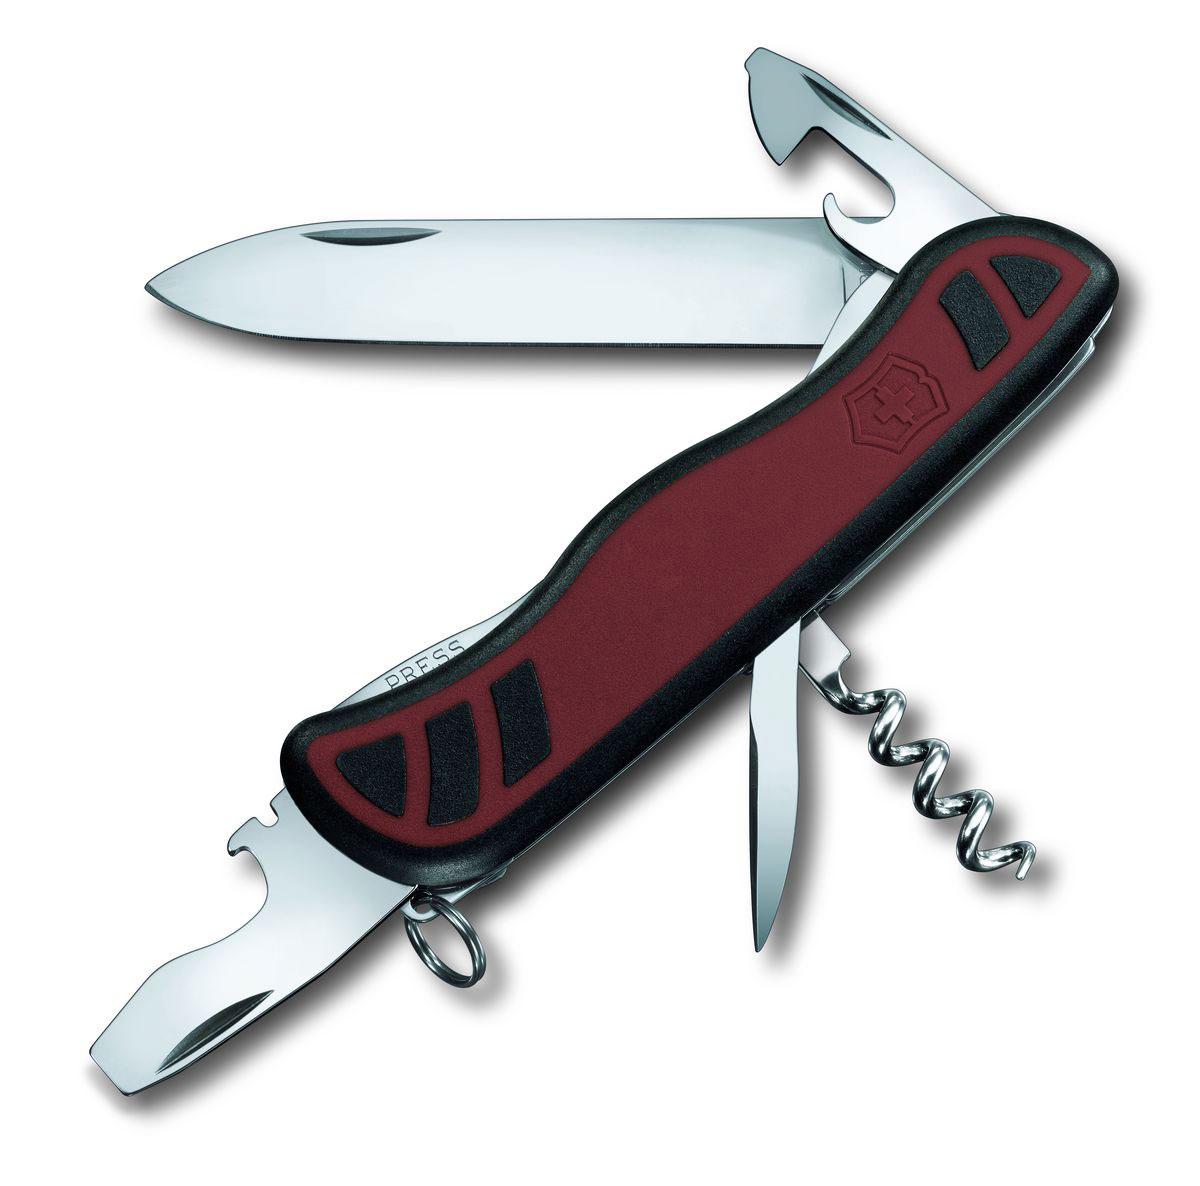 Нож перочинный Victorinox Nomad, цвет: красный, черный, 9 функций, 11,1 см0.8351.CЛезвие перочинного складного ножа Victorinox Nomad изготовлено из высококачественной нержавеющей стали. Ручка, выполненная из прочного пластика с резиновыми вставками, обеспечивает надежный и удобный хват.Хорошее качество, надежный долговечный материал и эргономичная рукоятка - что может быть удобнее на природе или на пикнике!Функции ножа:Фиксирующееся лезвие.Штопор.Консервный нож с малой отверткой.Фиксирующаяся открывалка для бутылок с отверткой и инструментом для снятия изоляции.Шило, кернер.Кольцо для ключей.Длина ножа в сложенном виде: 11,1 см.Длина ножа в разложенном виде: 19,5 см.